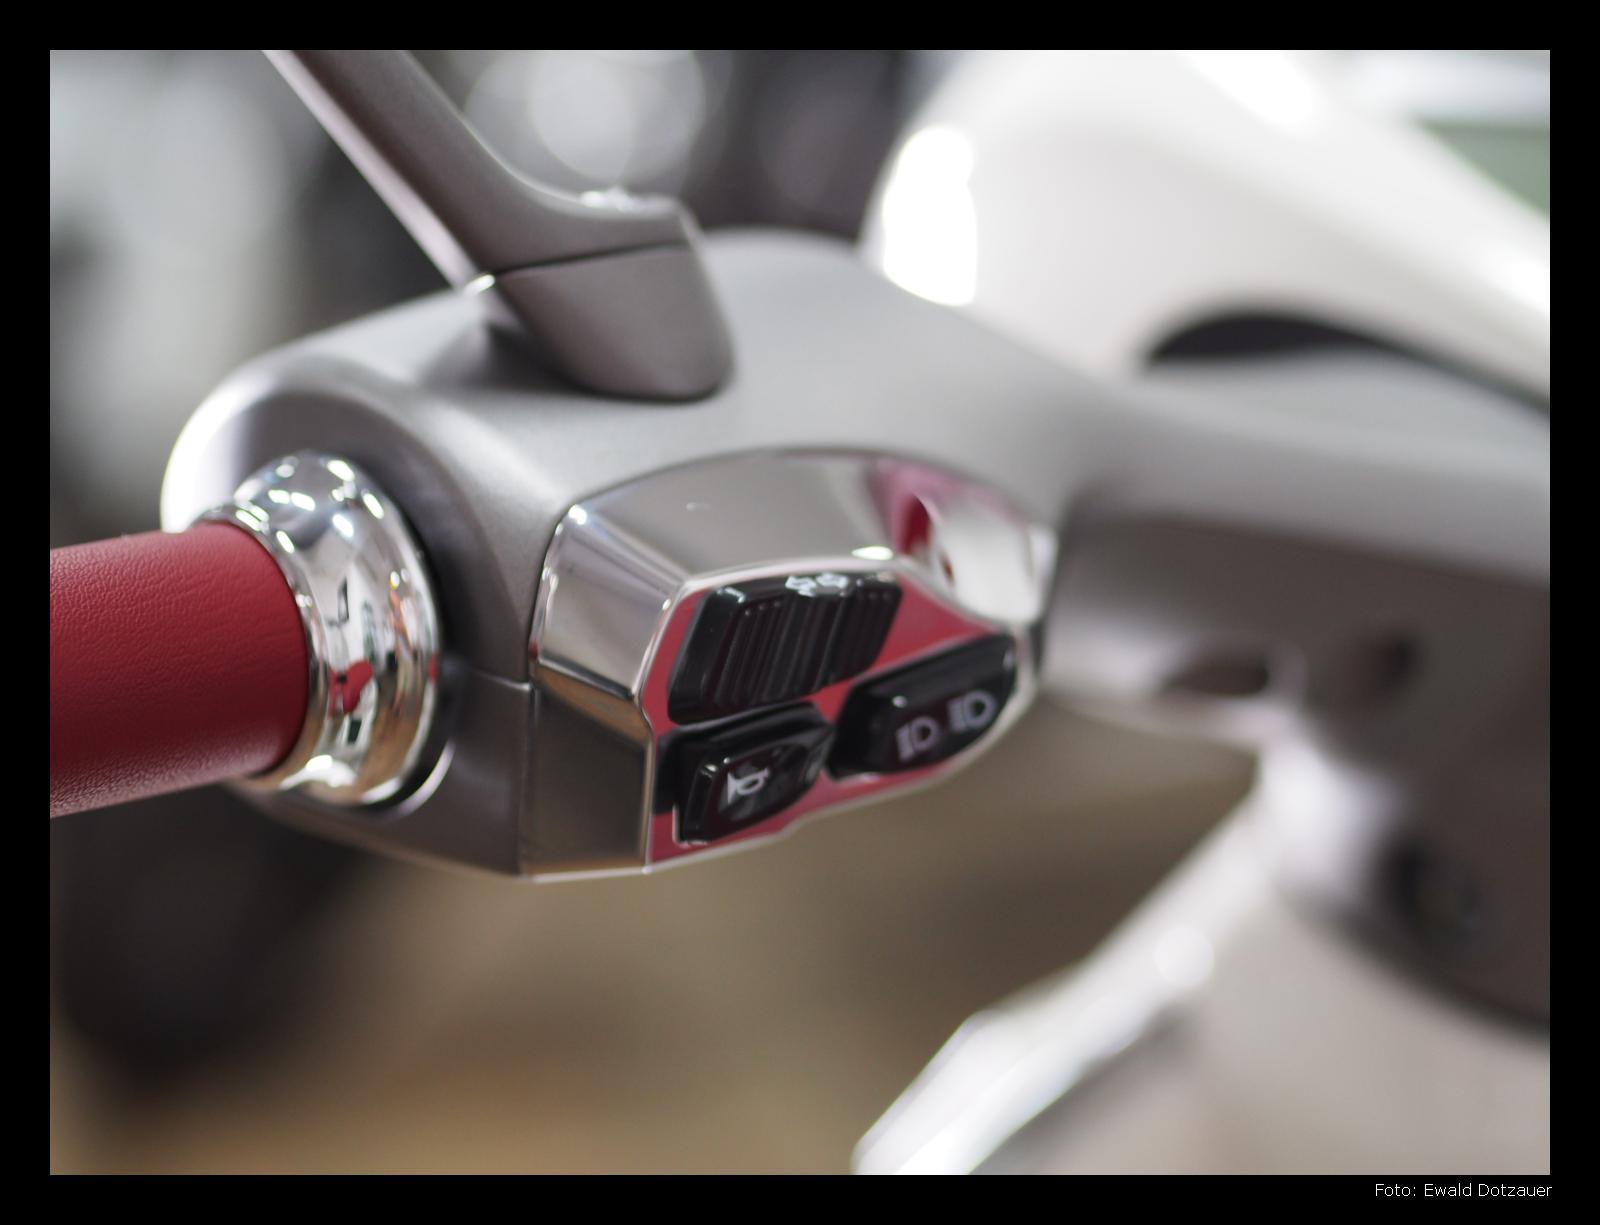 Vespa 946 - Schalter am linken Lenkergriff